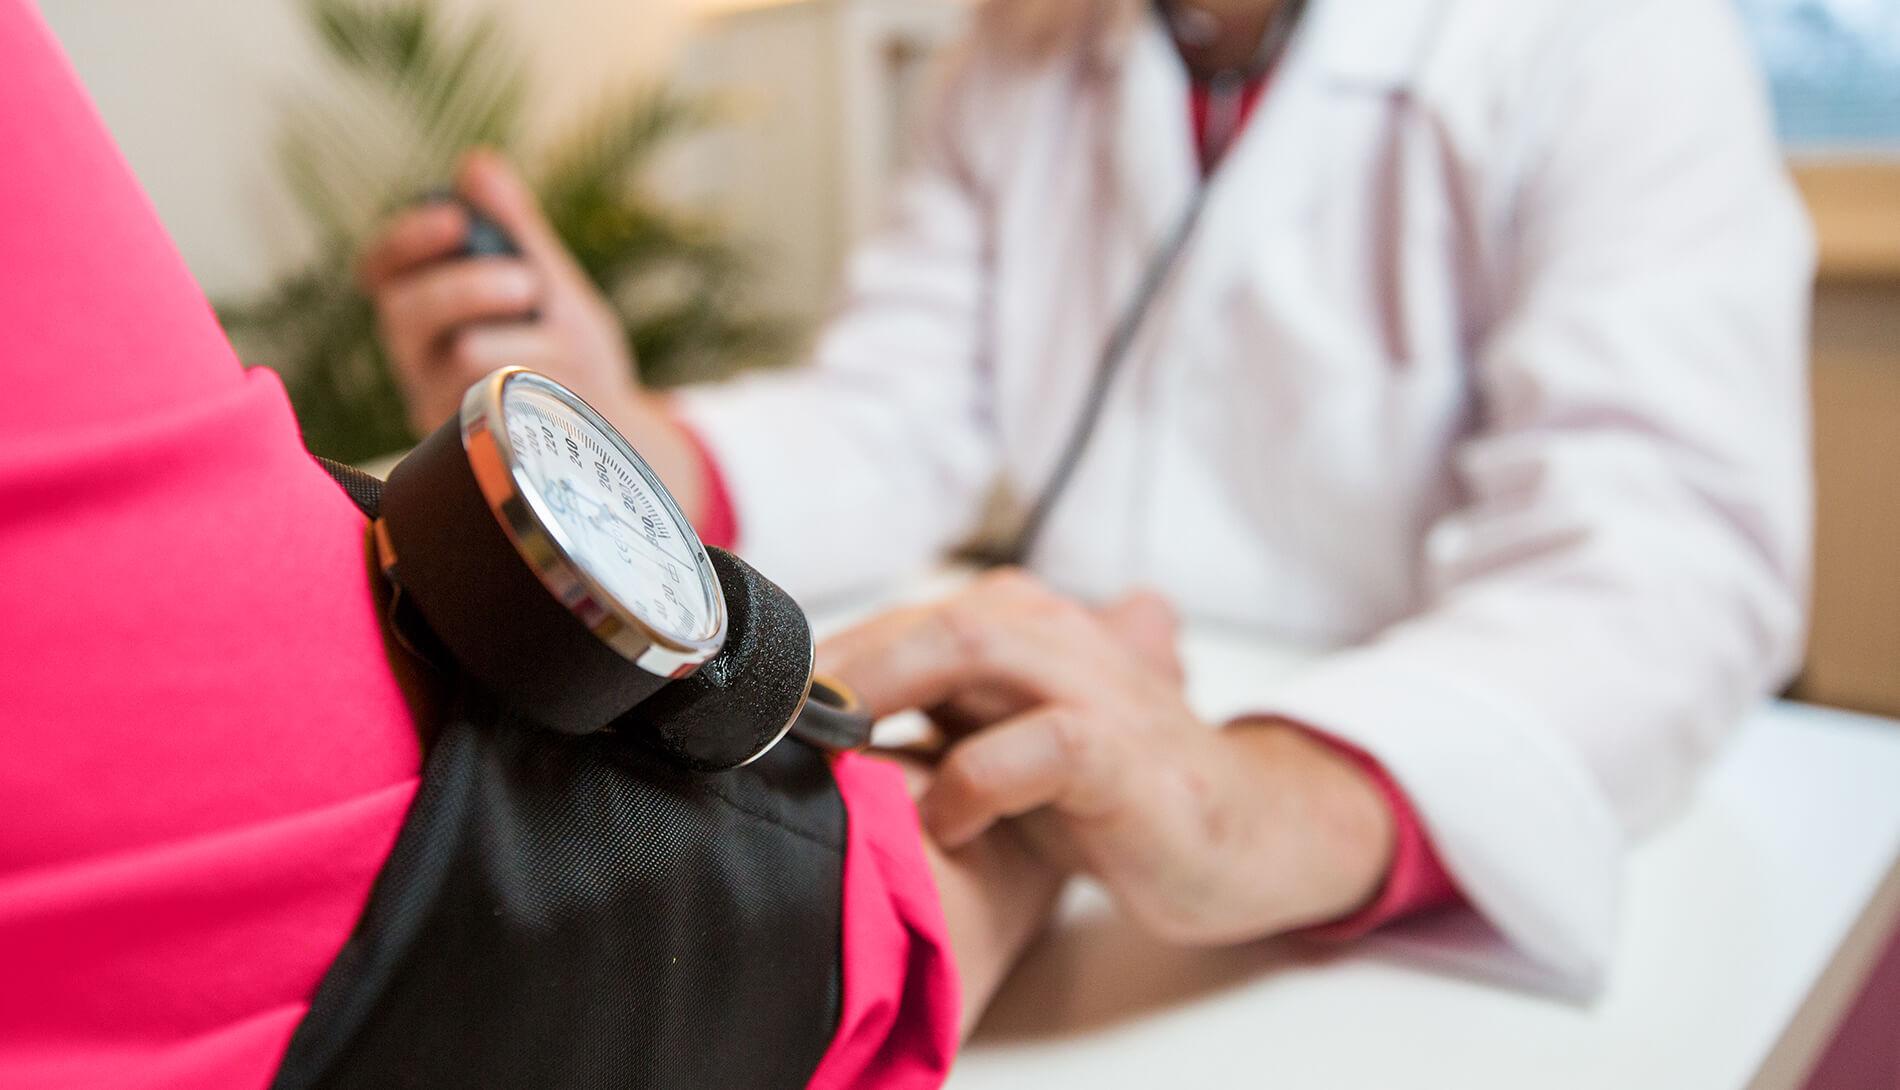 Patient having their blood pressure taken